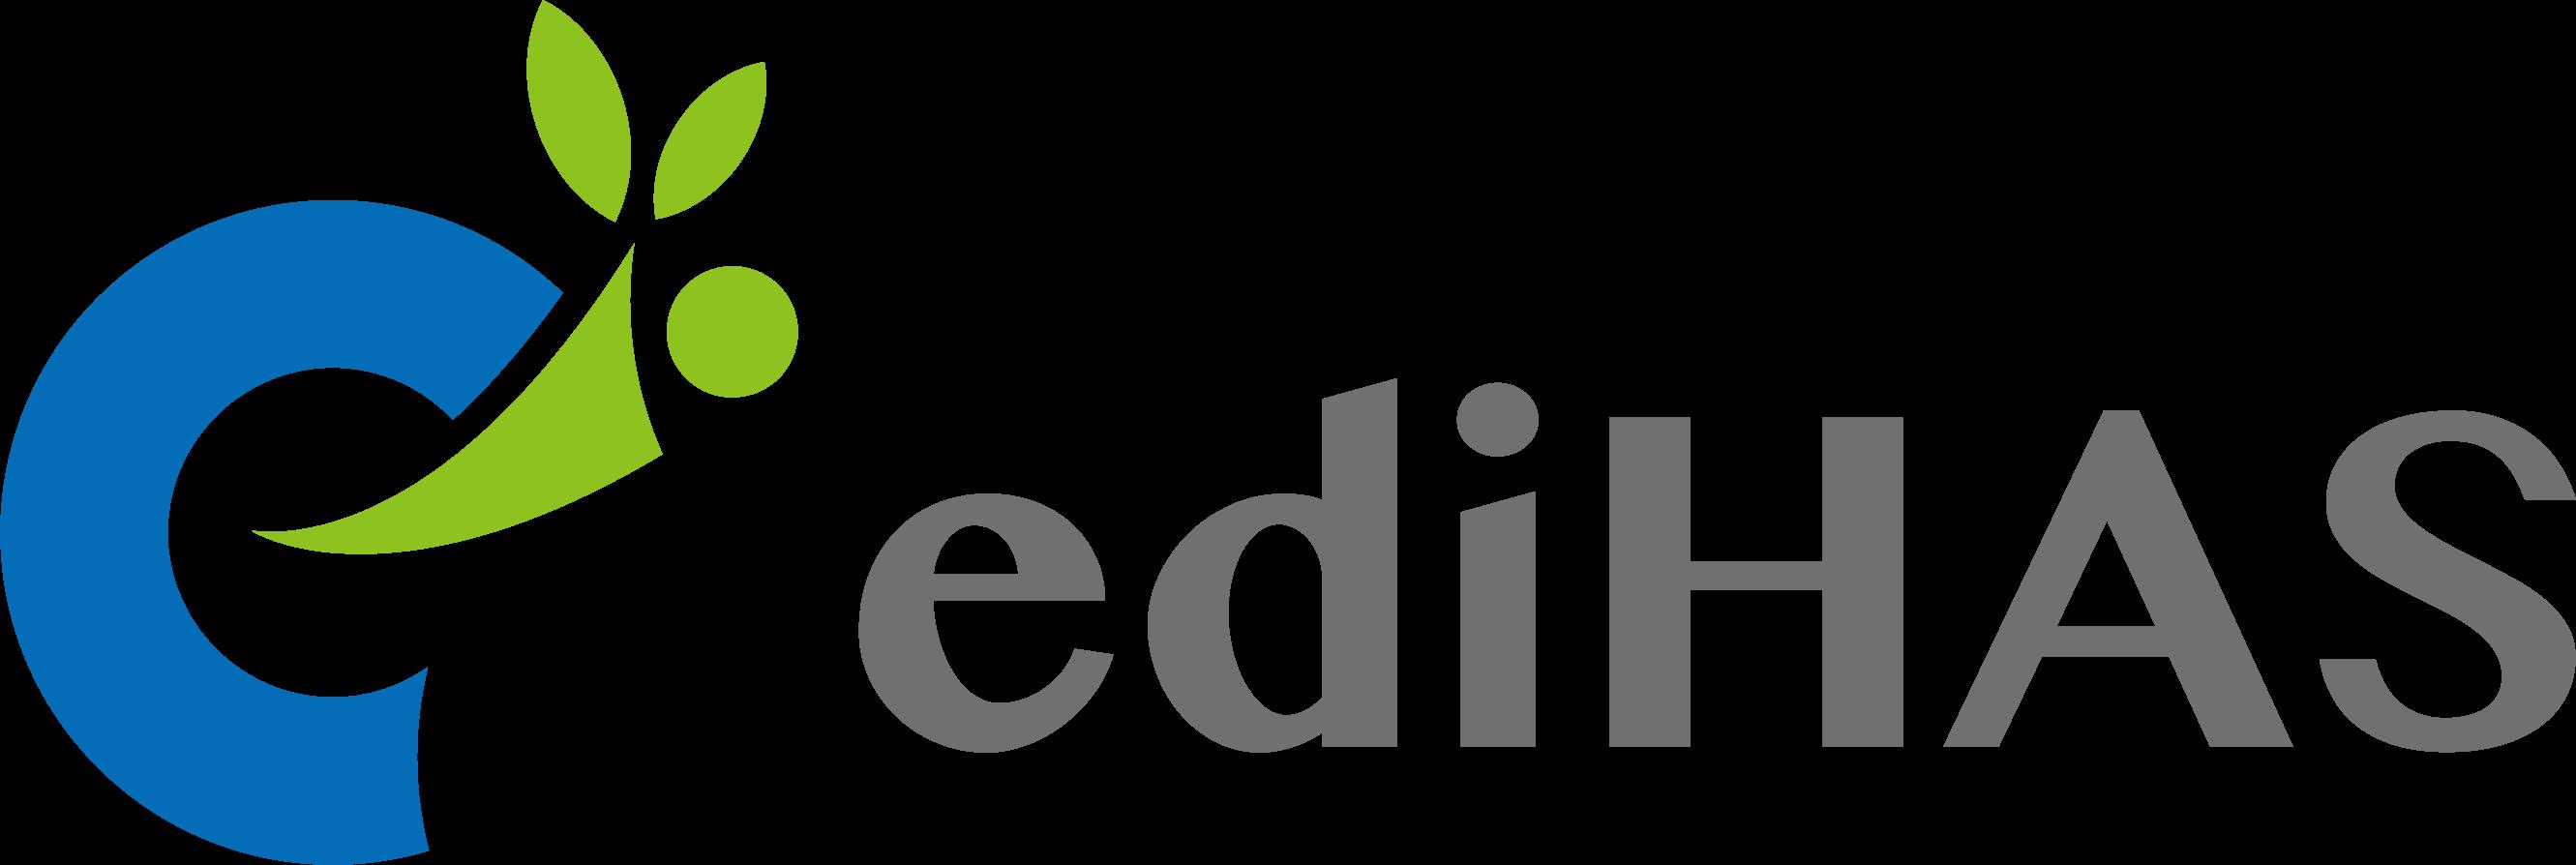 被験者募集の株式会社エディハス